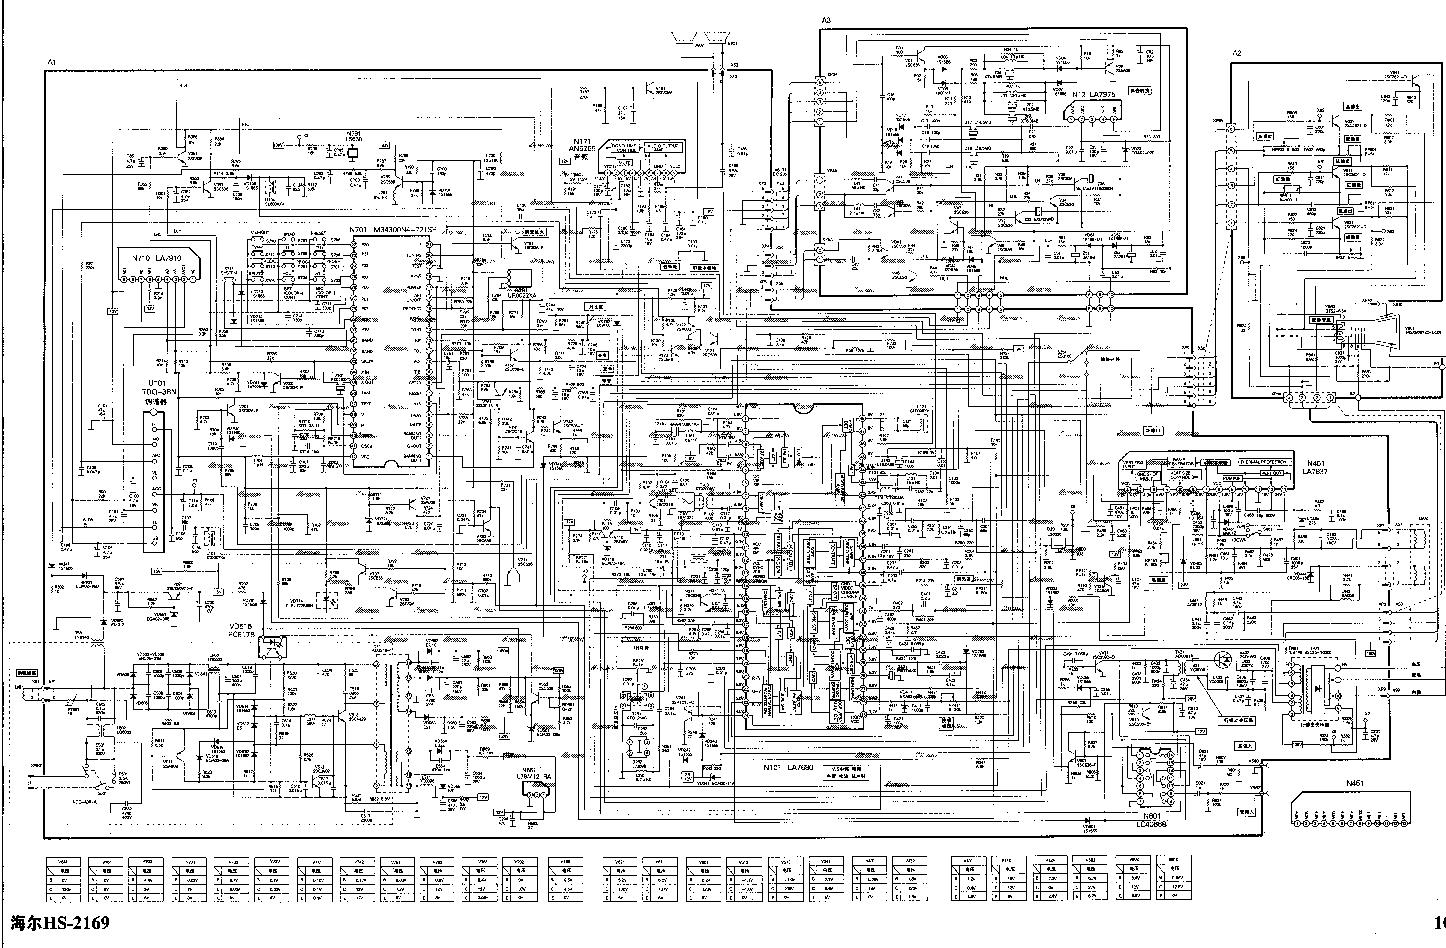 HAIER HS2169 - M34300N4-721SP , LA7680 , LA7837 , AN5265 - TV D SCH